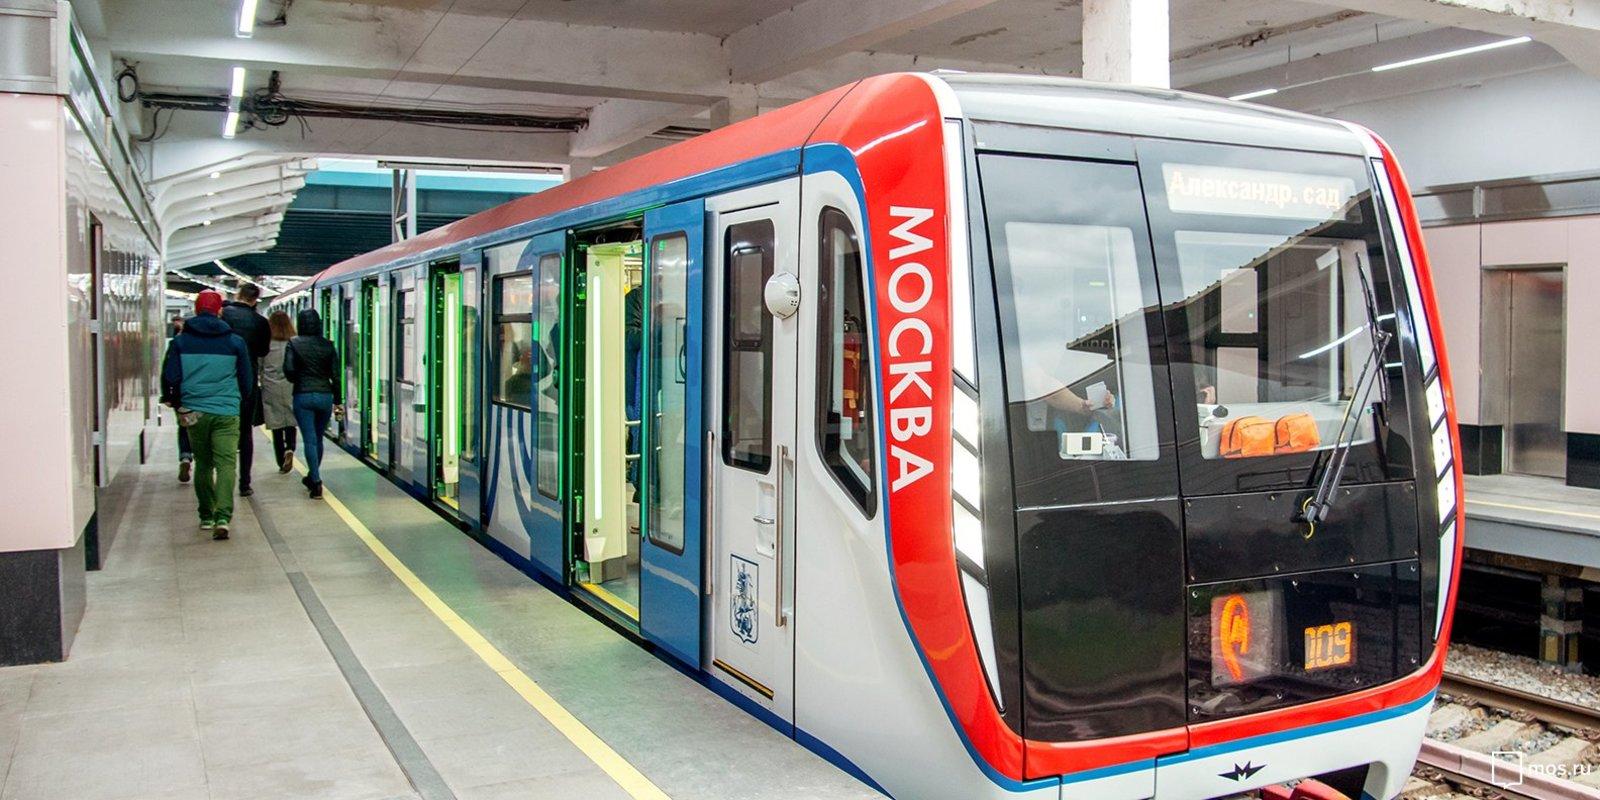 Сцепка Шарфенберга оказалась настолько удачной, что ее решили применить в Московском метрополитене